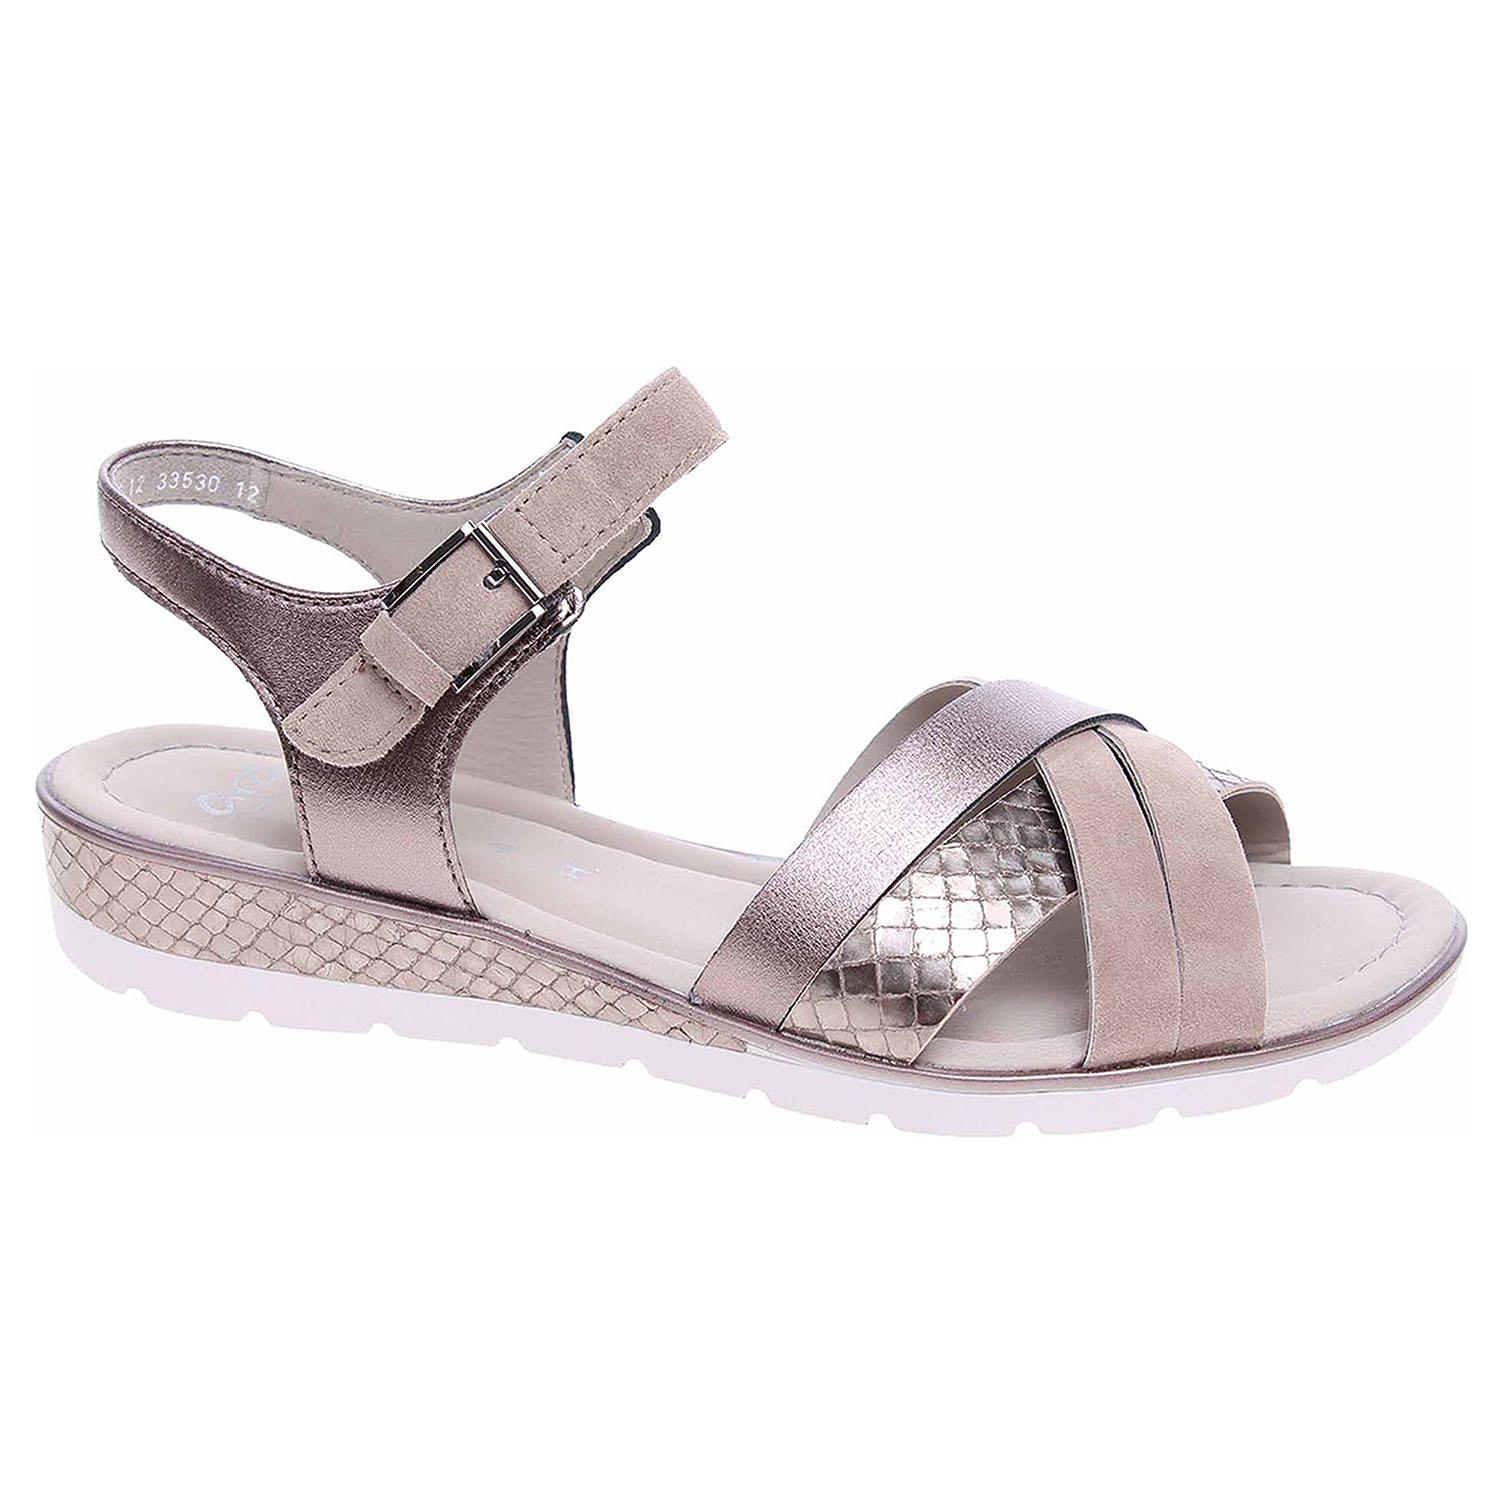 33530-12 taupe/street dámské sandály, H šíře, křížem pásky, klínek